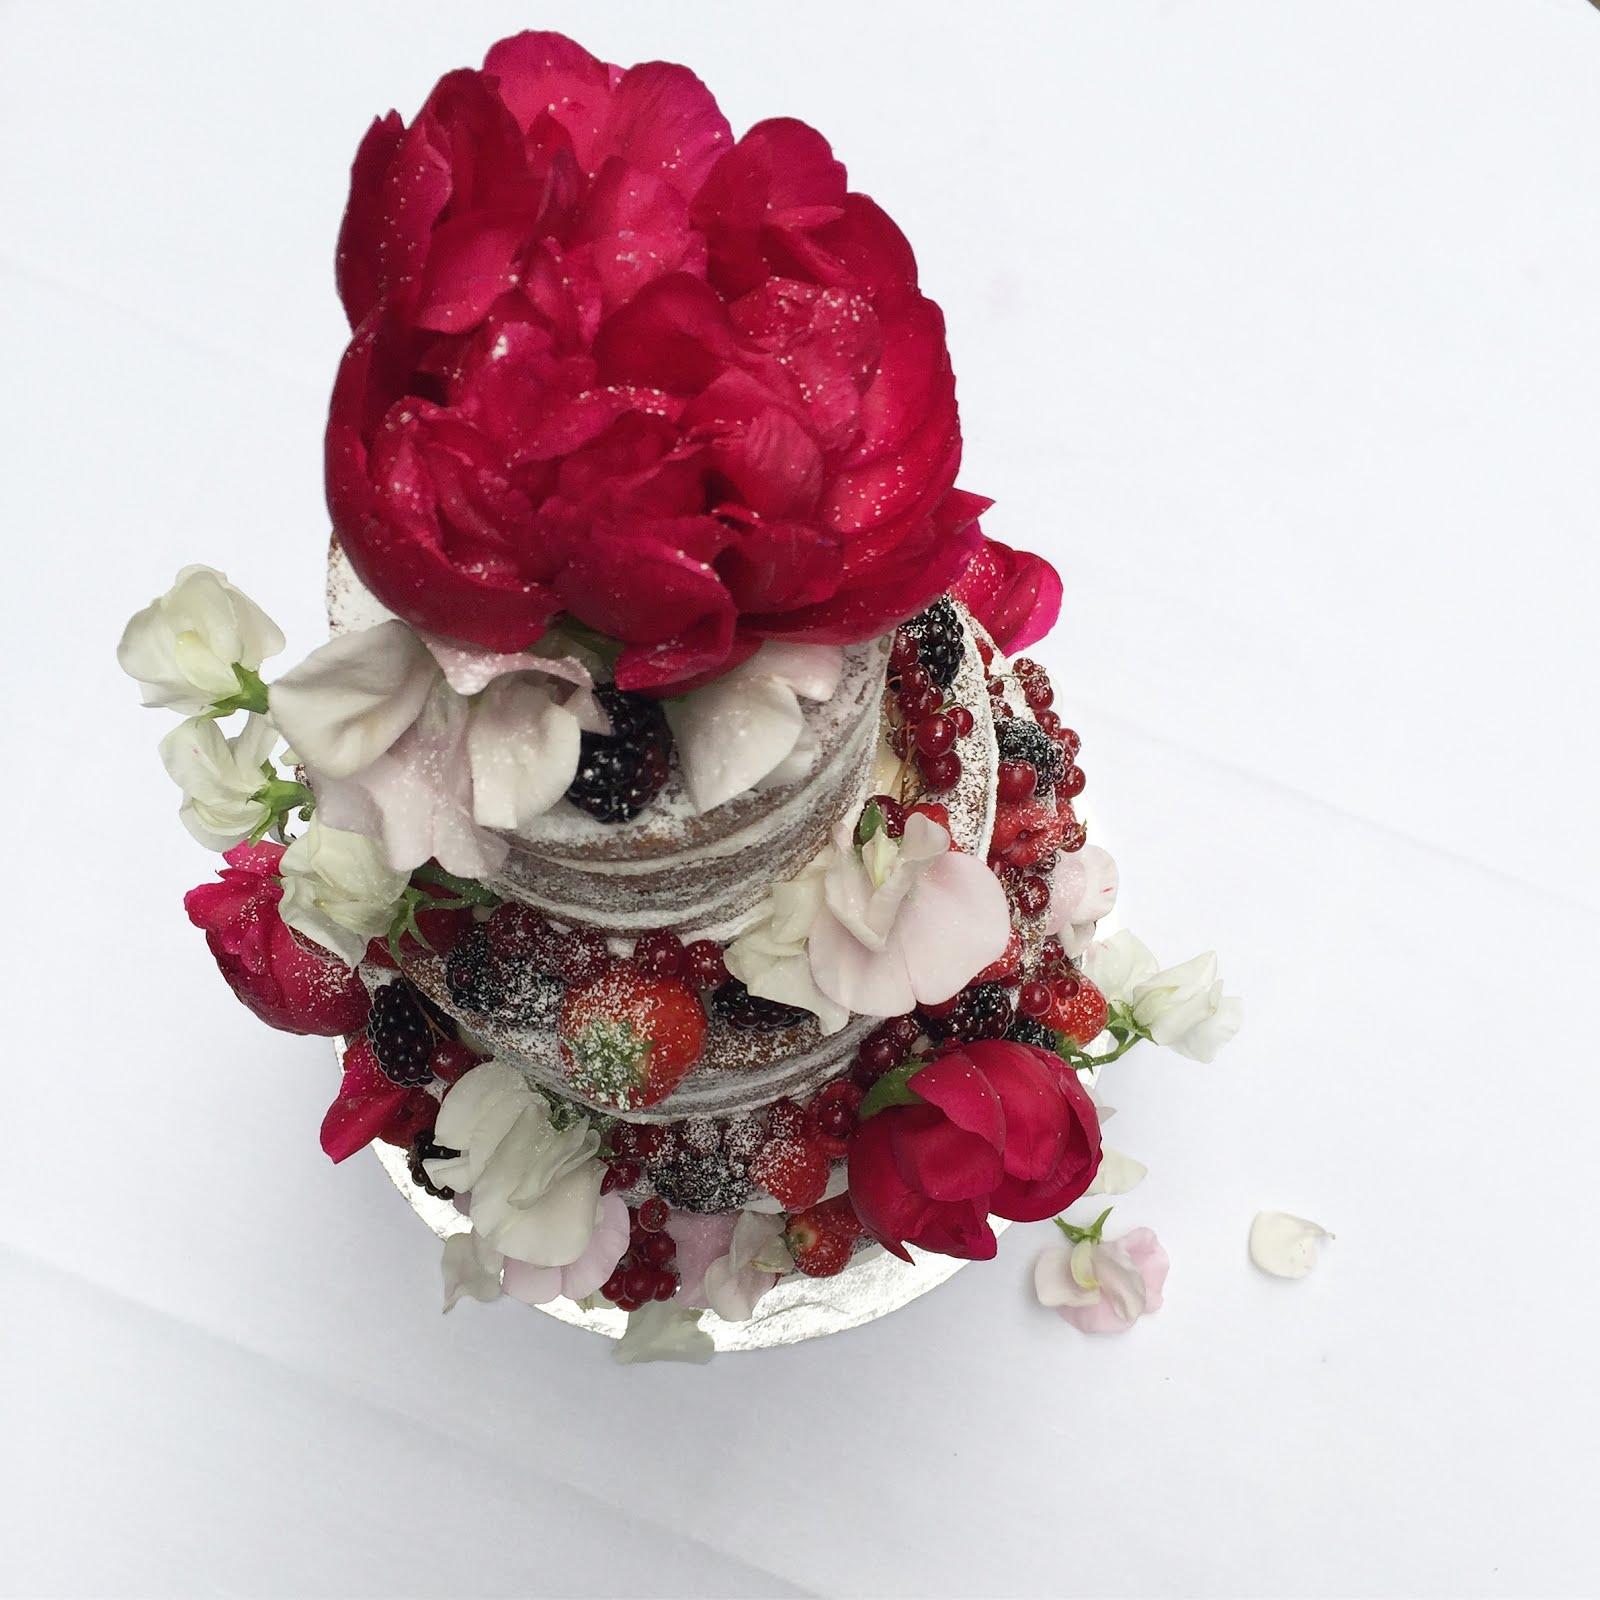 03.访问我的新婚蛋糕网站!